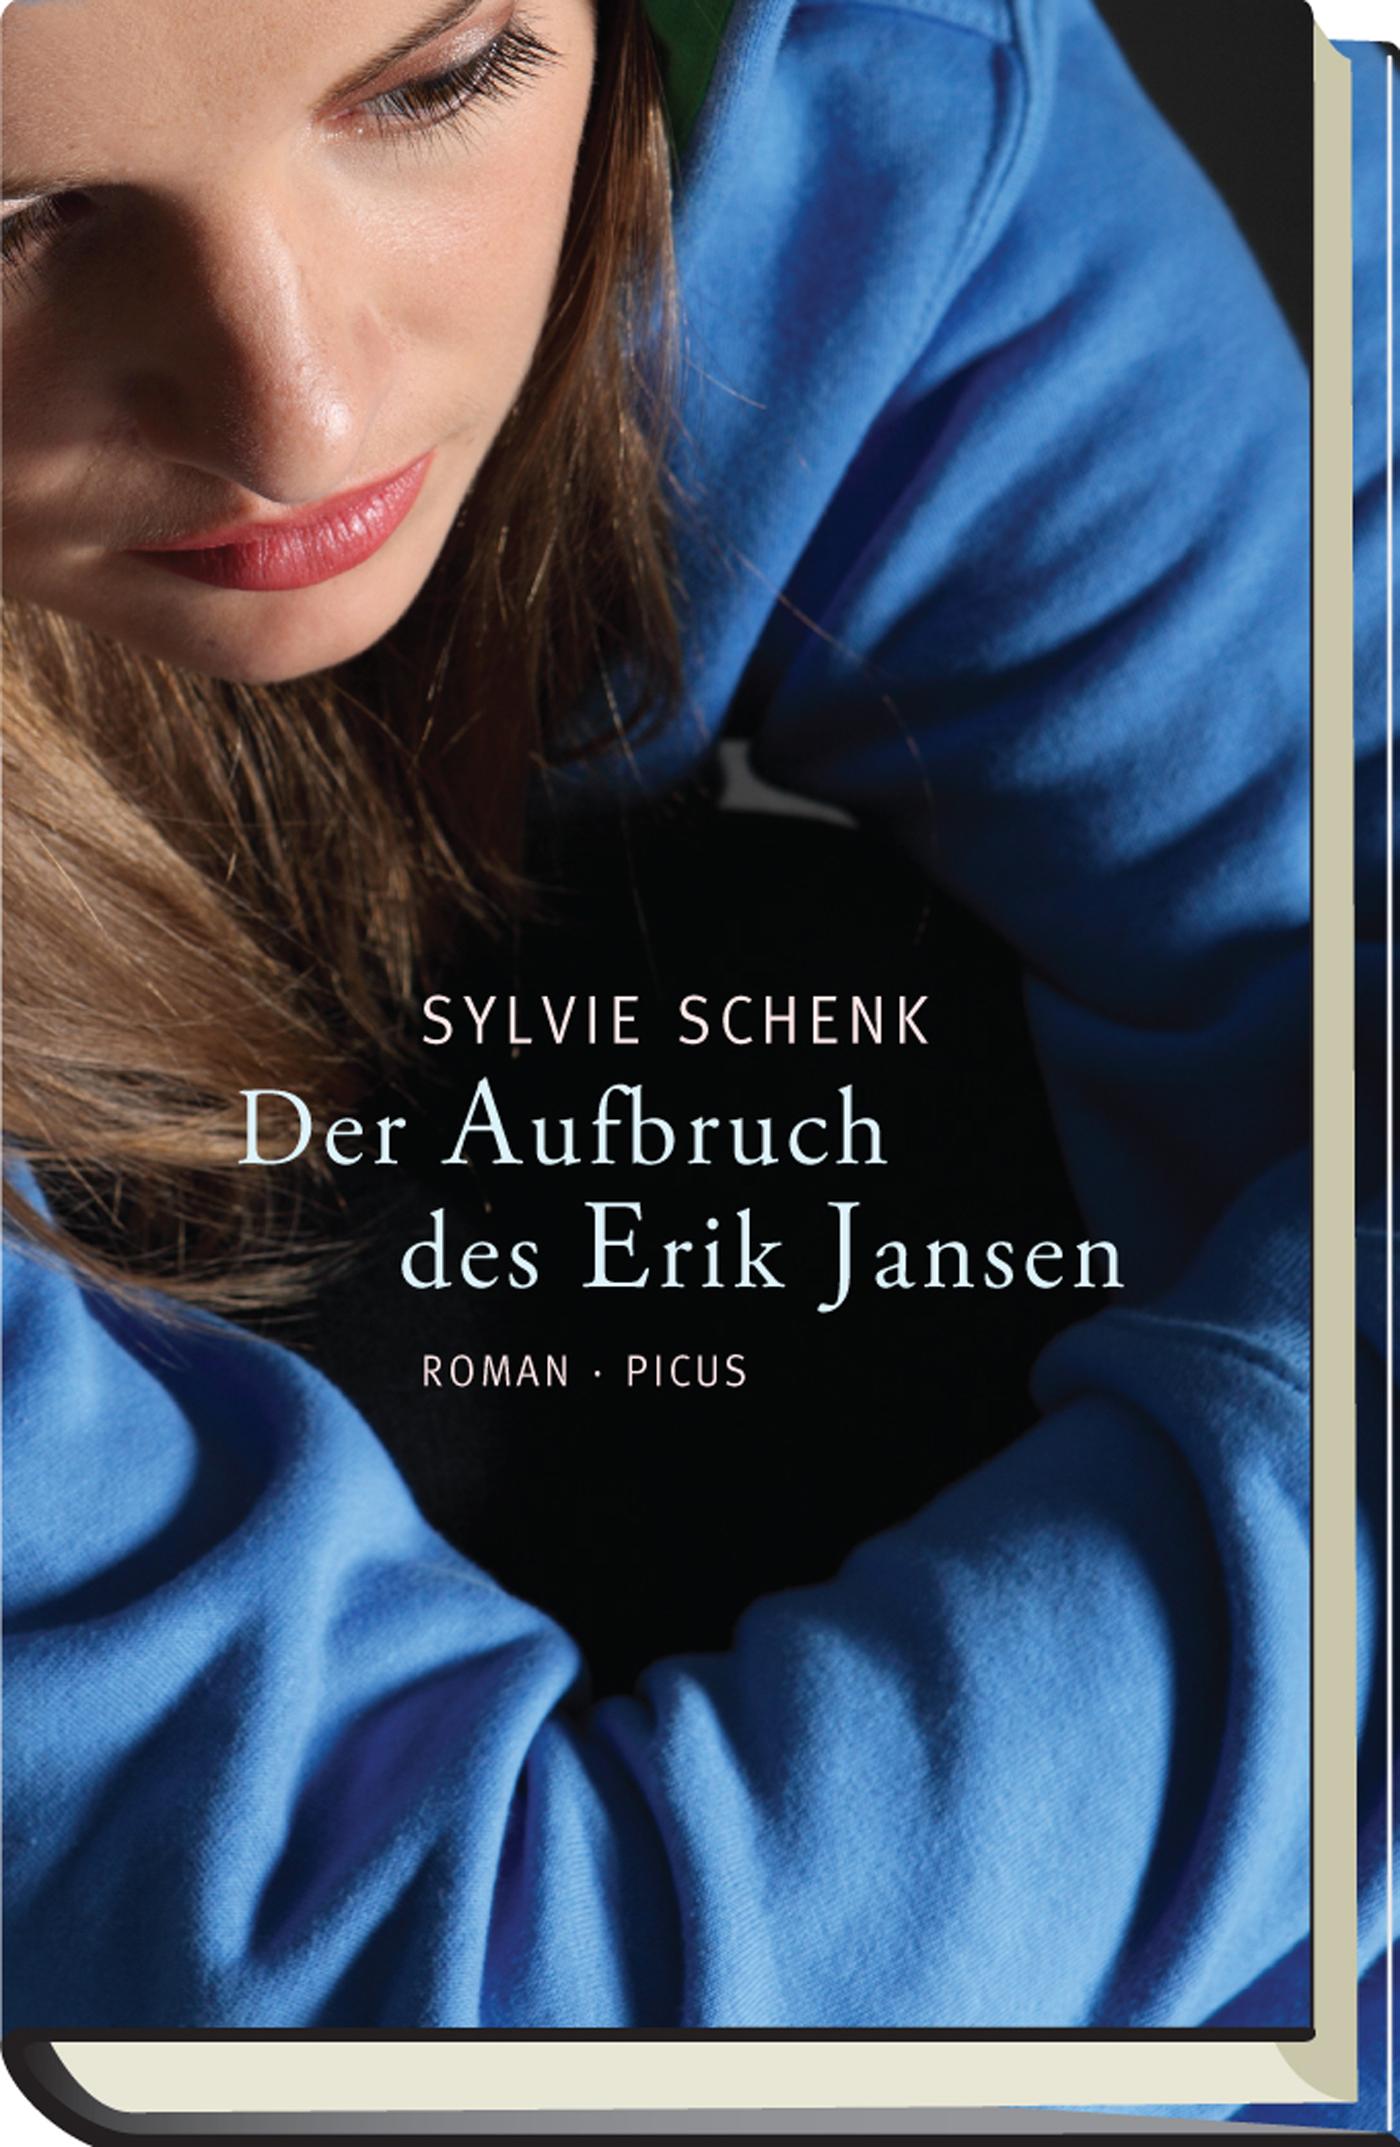 Sylvie Schenk Der Aufbruch des Erik Jansen